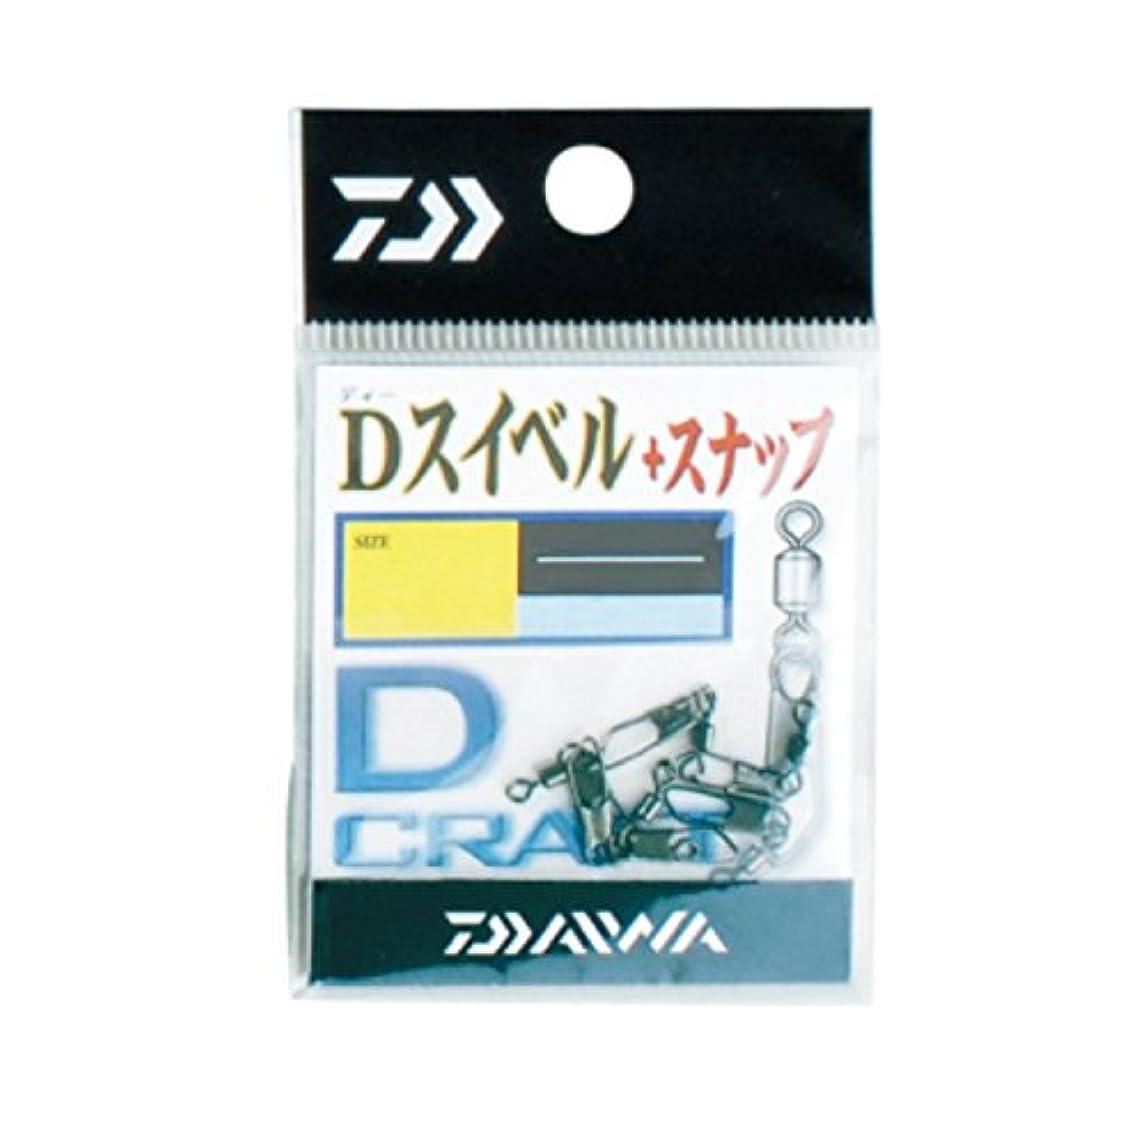 公園クッション大腿ダイワ(Daiwa) スイベル スナップ Dスイベル+スナップ 3 757966